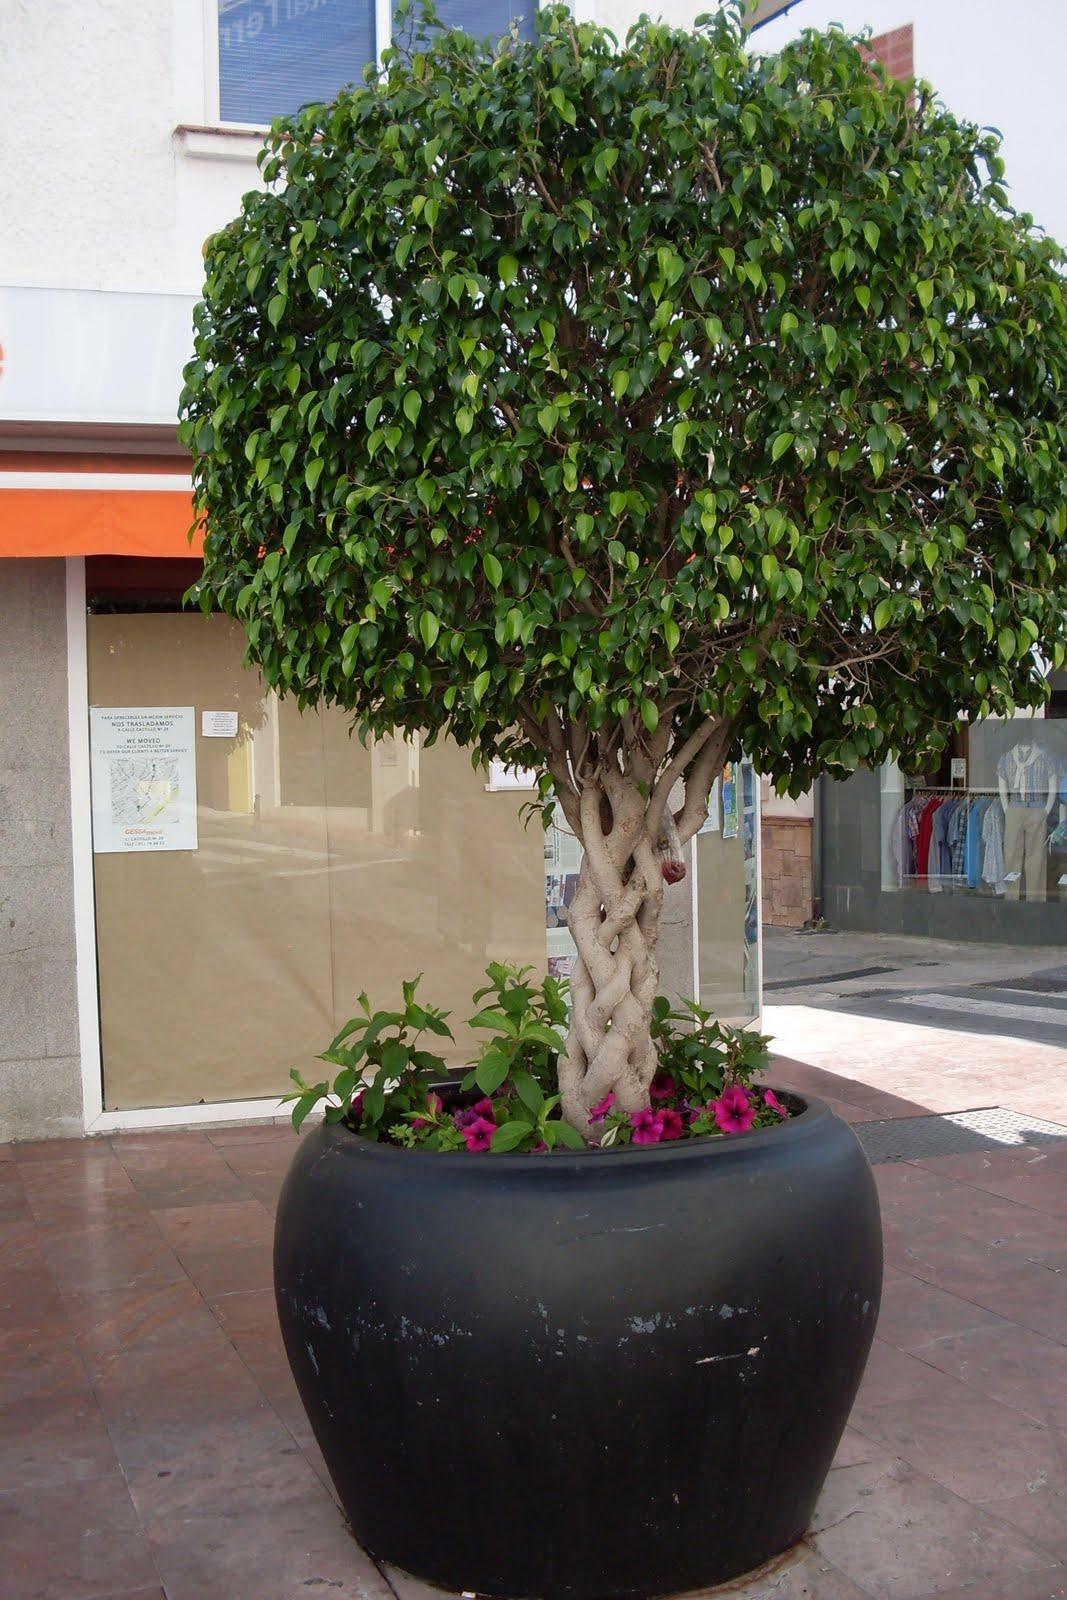 Jardin del mundo macetas y macetones for Plantas de exterior en maceta